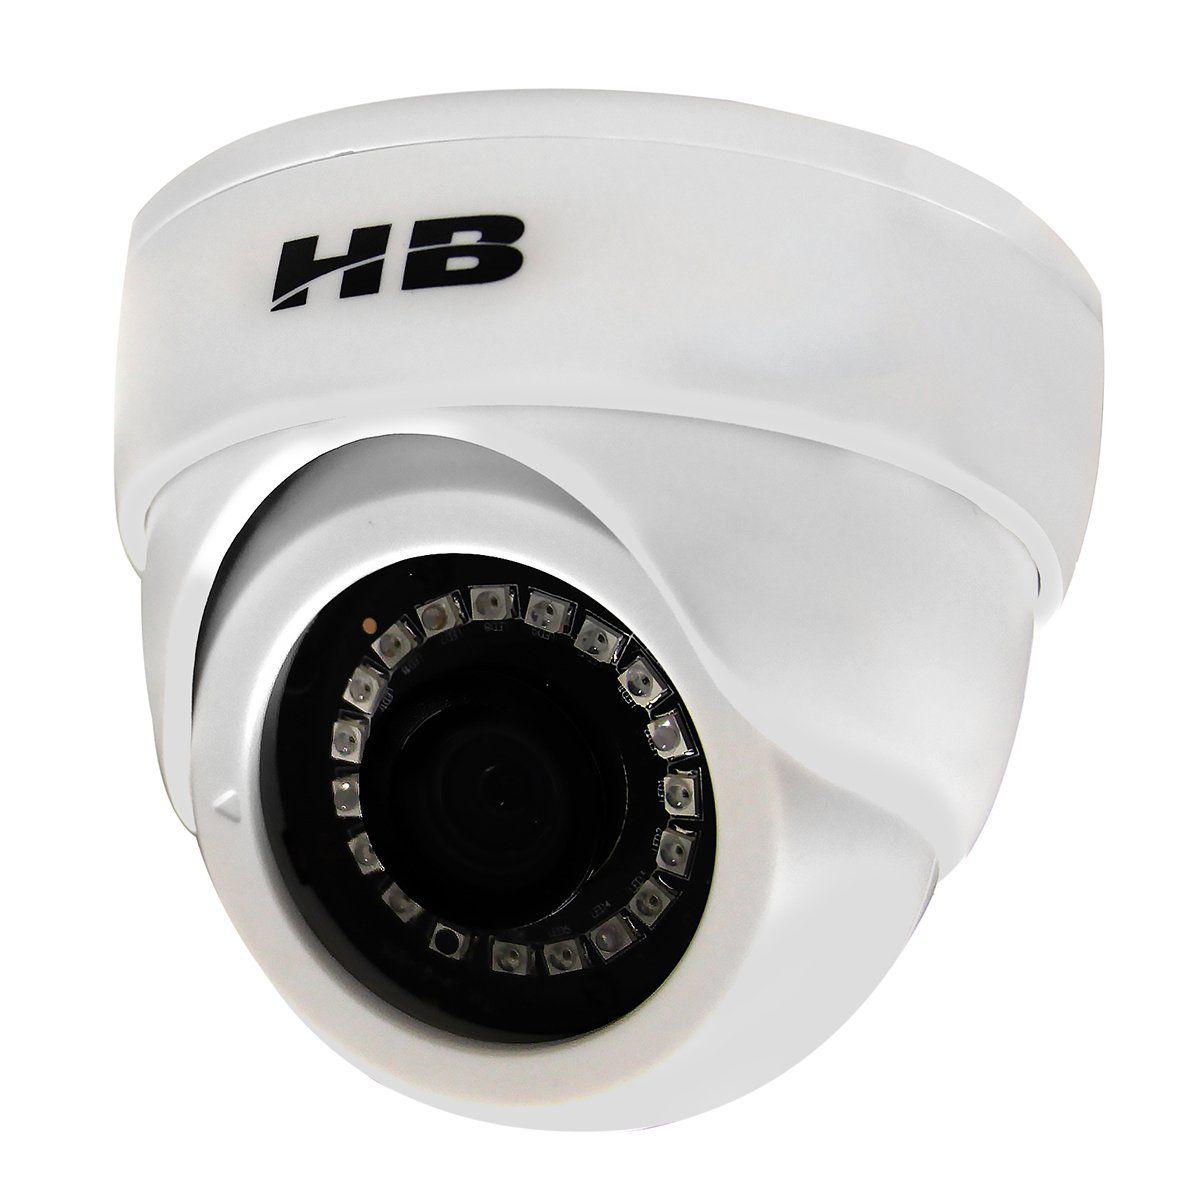 Kit Monitoramento 2 Câmeras Dome Híbridas 2 Megapixel Full HD 1080p + Gravador DVR 4 Canais Acesso Remoto  - Tudoseg Cftv - Sistemas de Segurança Eletrônica